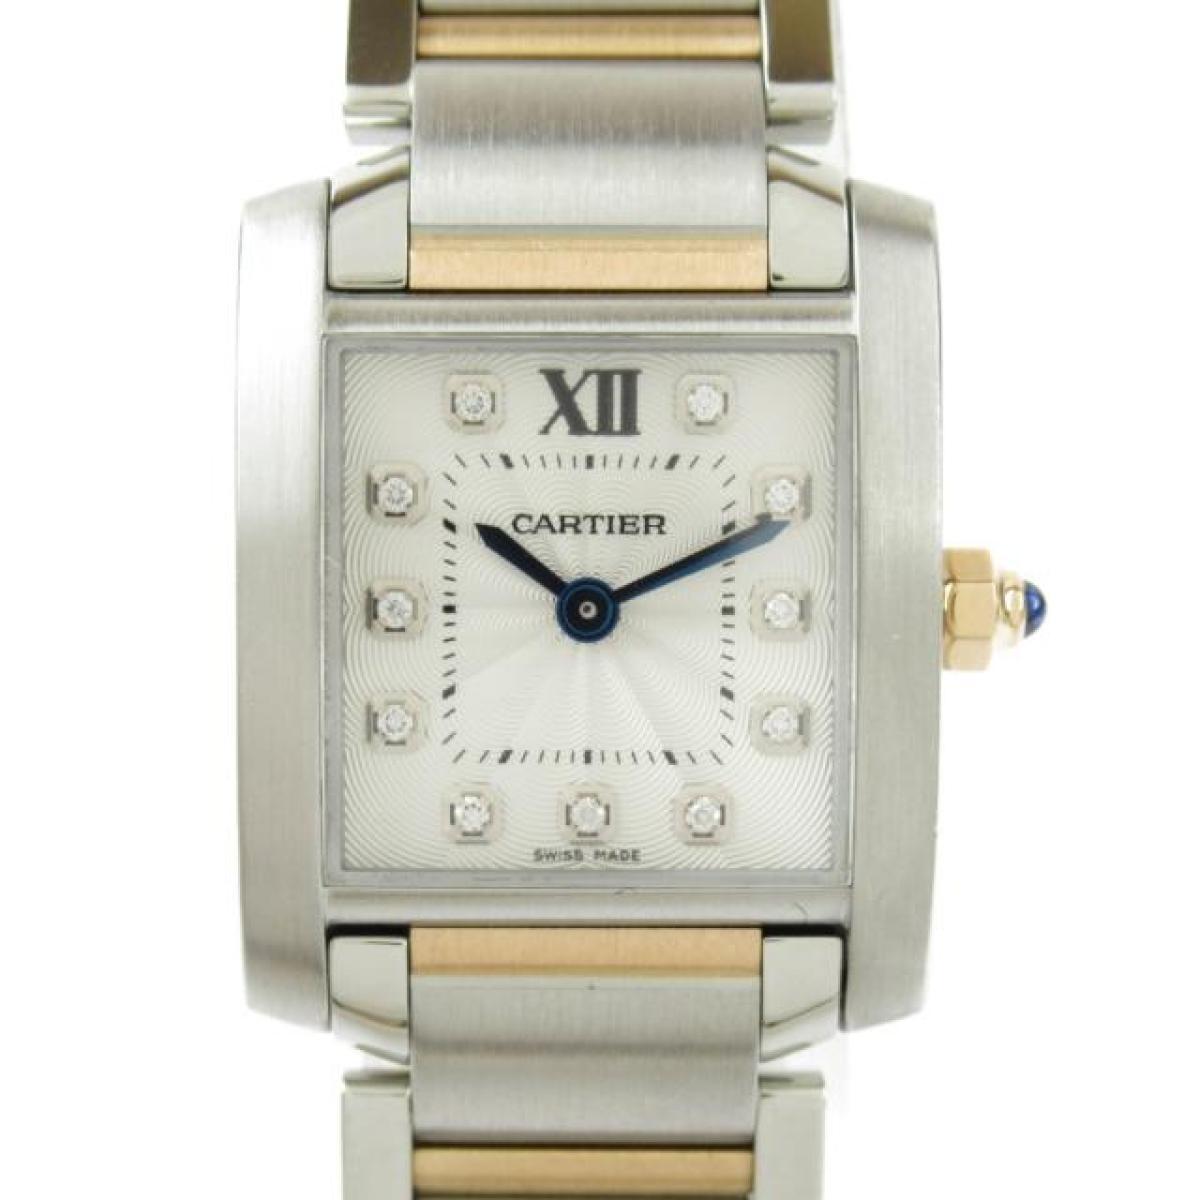 Cartier タンクフランセーズ SM 11Pダイヤモンド 腕時計 ウォッチ 時計 ランクA キャンペーンもお見逃しなく 送料無料 ブランドオフ 誕生日 プレゼント SS ギフト レディース xK18ピンクゴールドxダイヤモンド WE110004 シルバーxピンクゴールド カルティエ 数量は多 中古 ステンレススチール